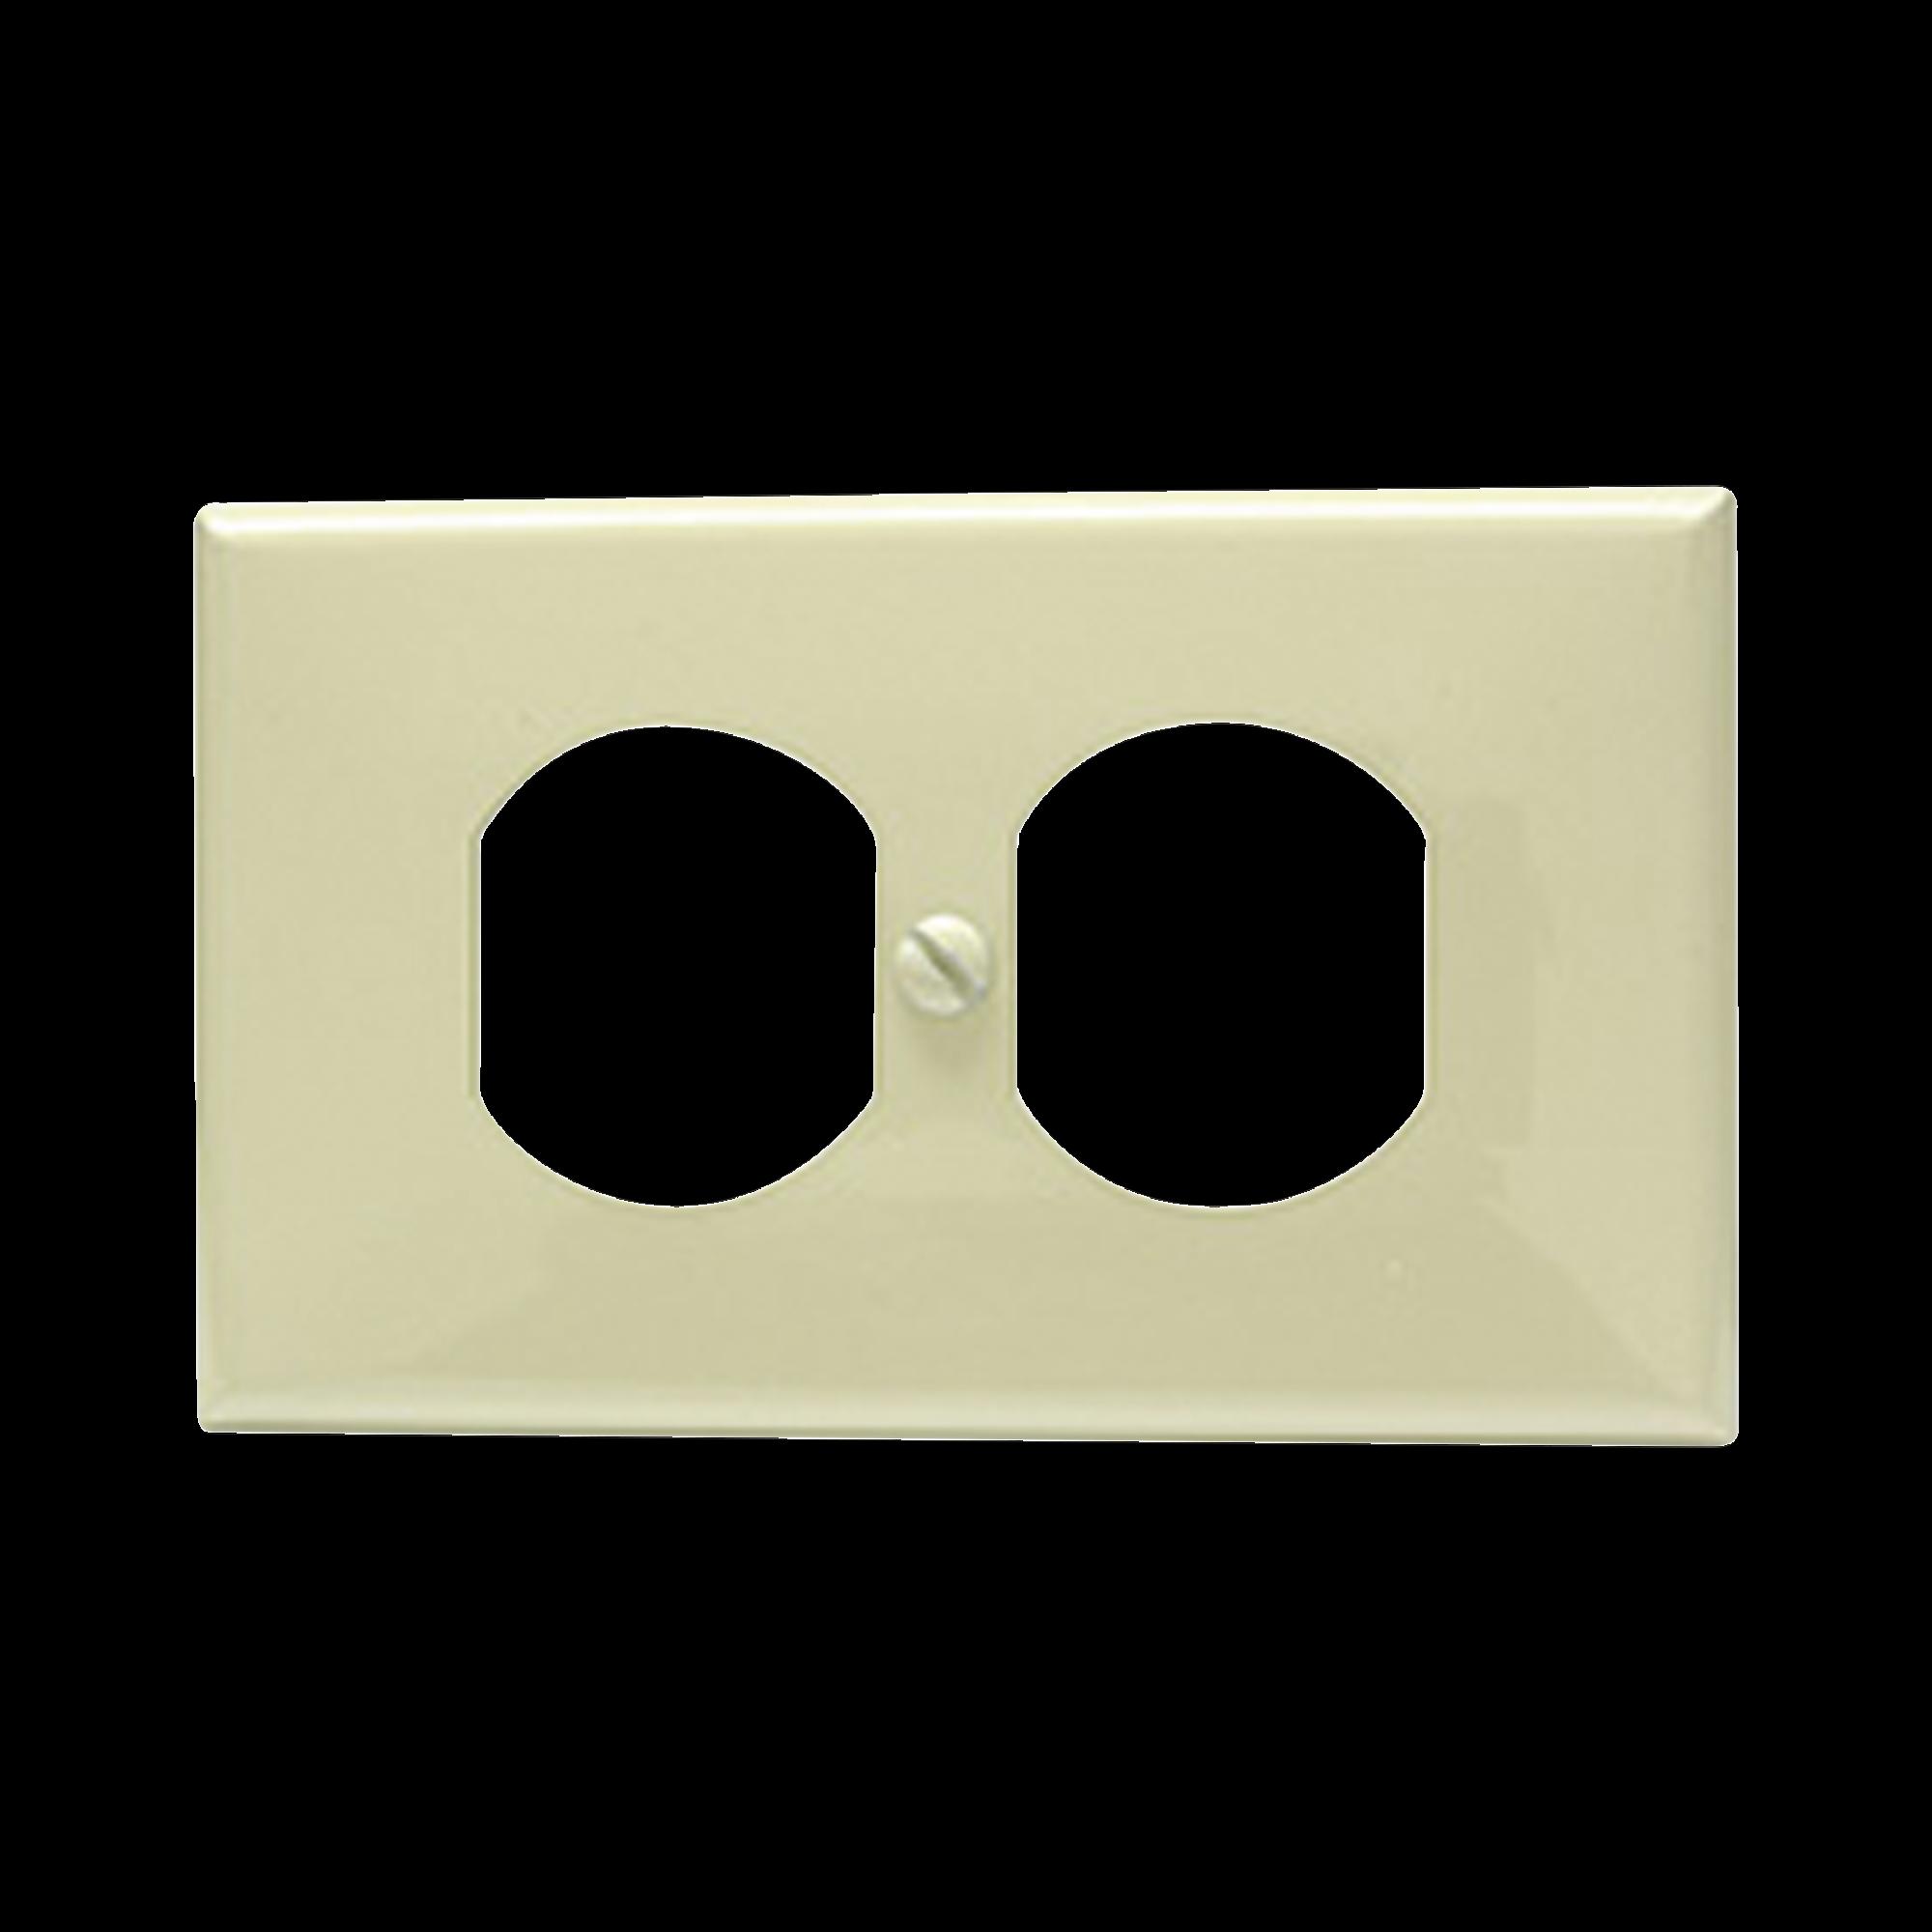 Placa de plástico para contacto dúplex color marfil.